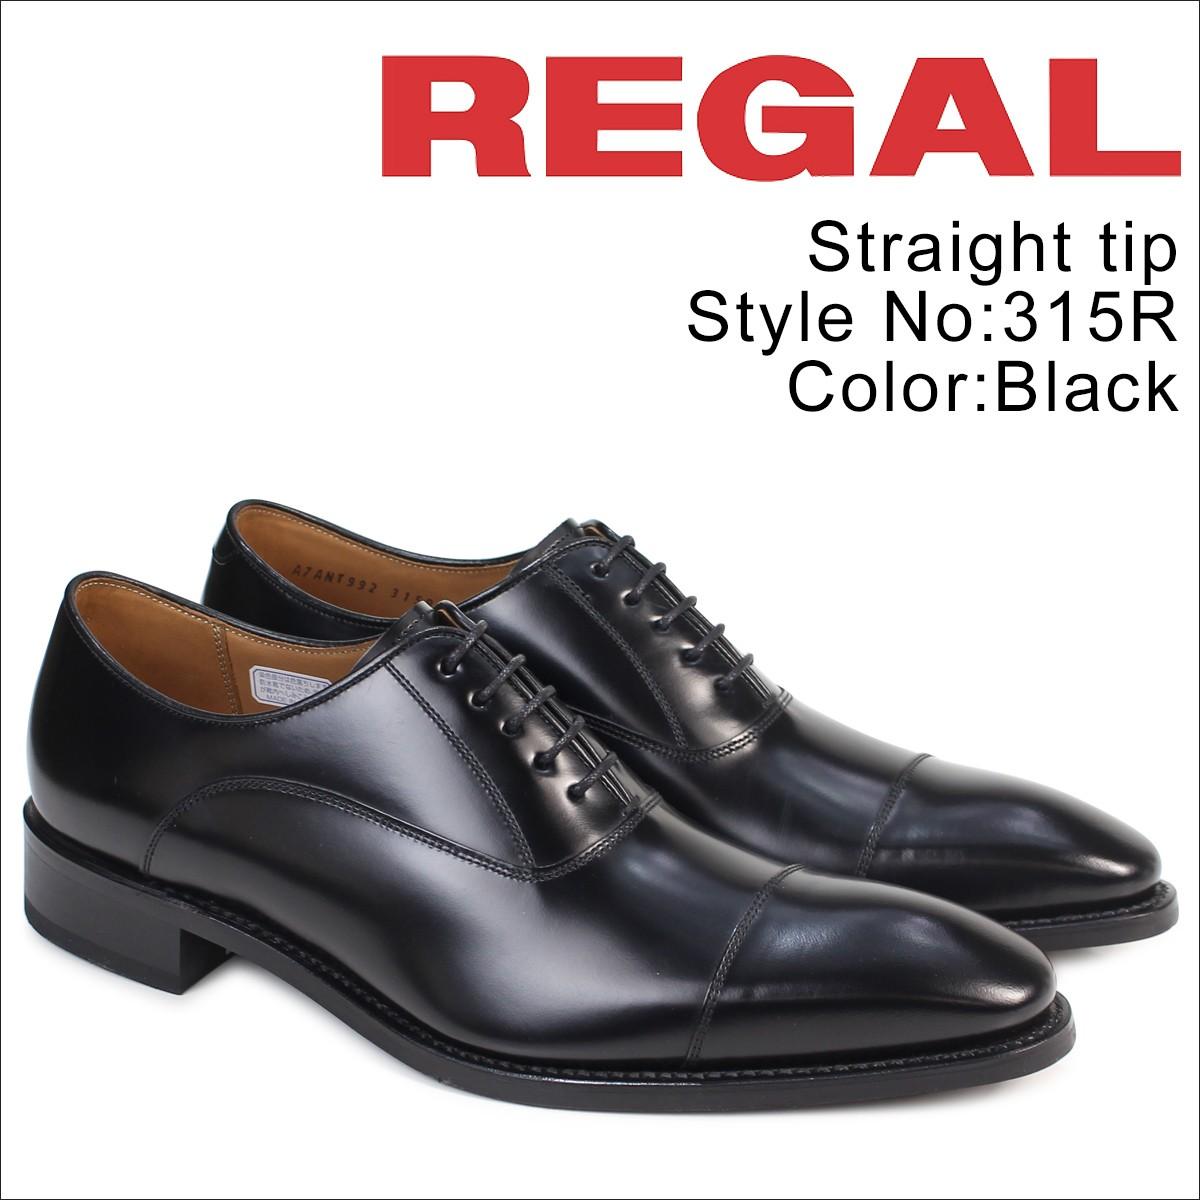 リーガル 靴 メンズ ビシネスシューズ REGAL ストレートチップ 315R BD 日本製 ブラック [5/9 追加入荷]